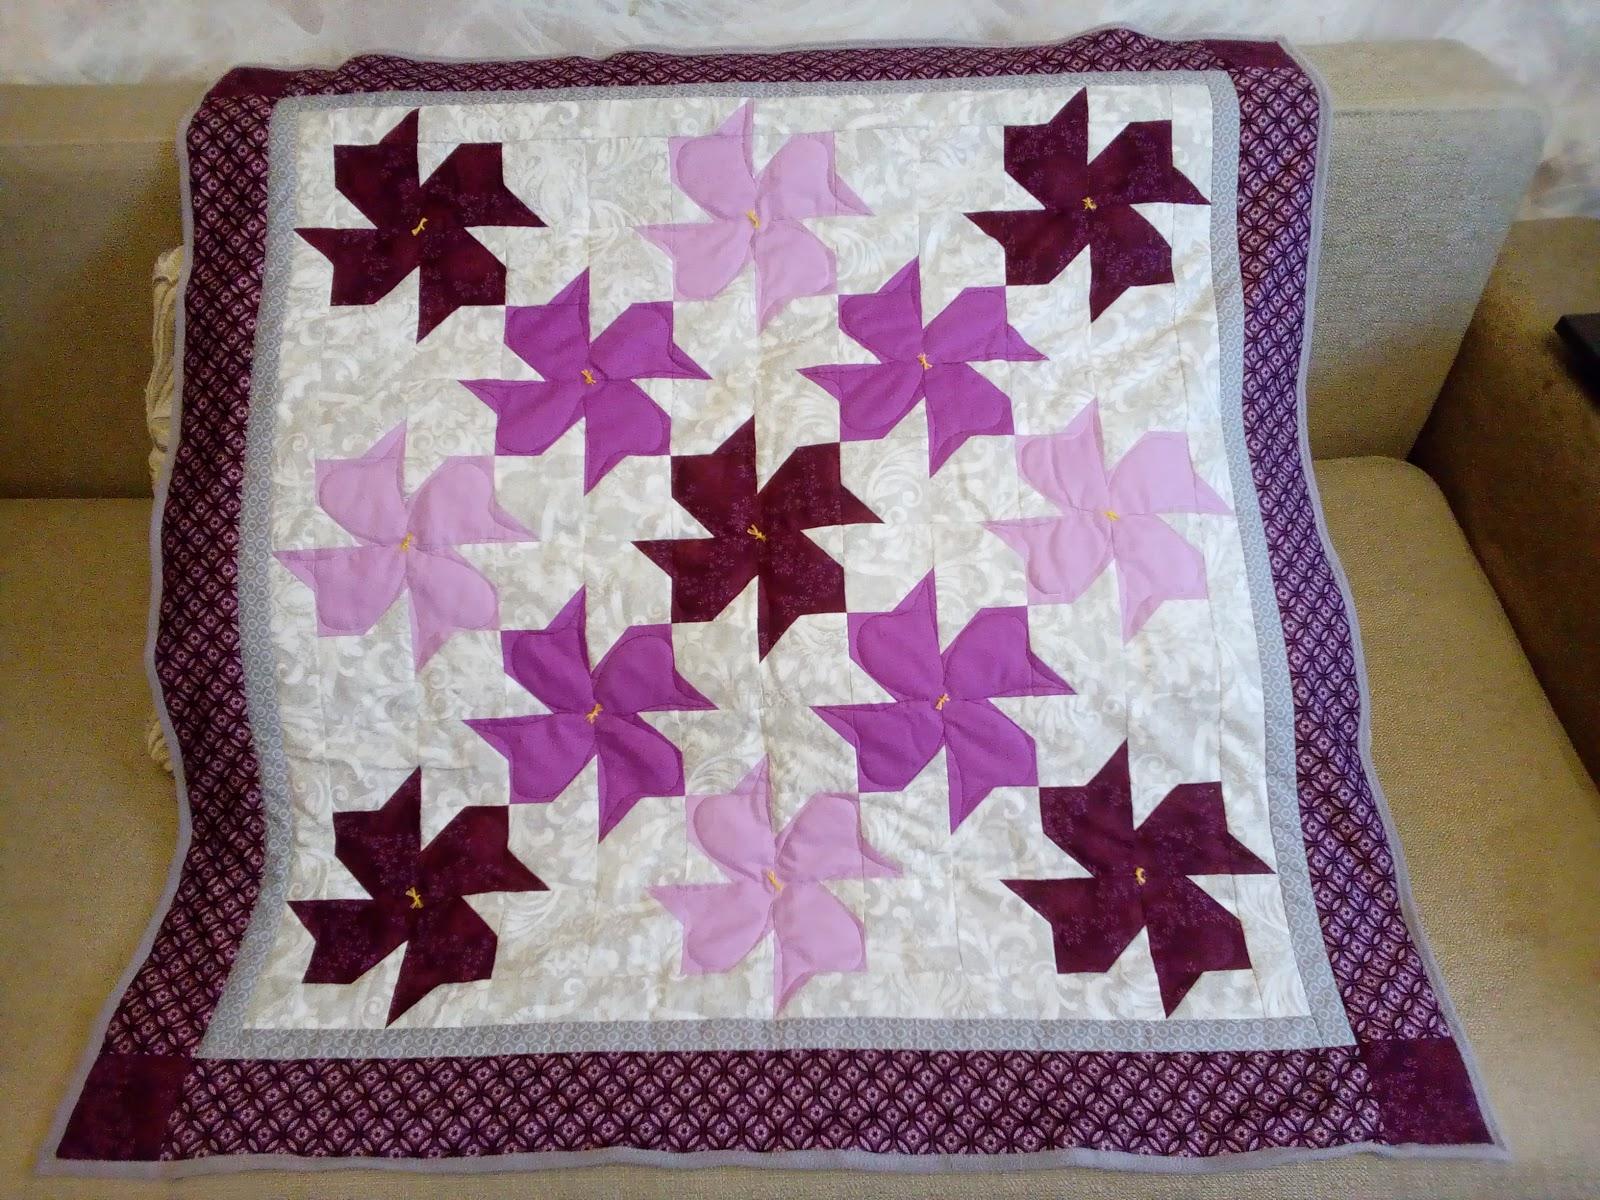 детское одеялко пэчворк в пурпурных тонах